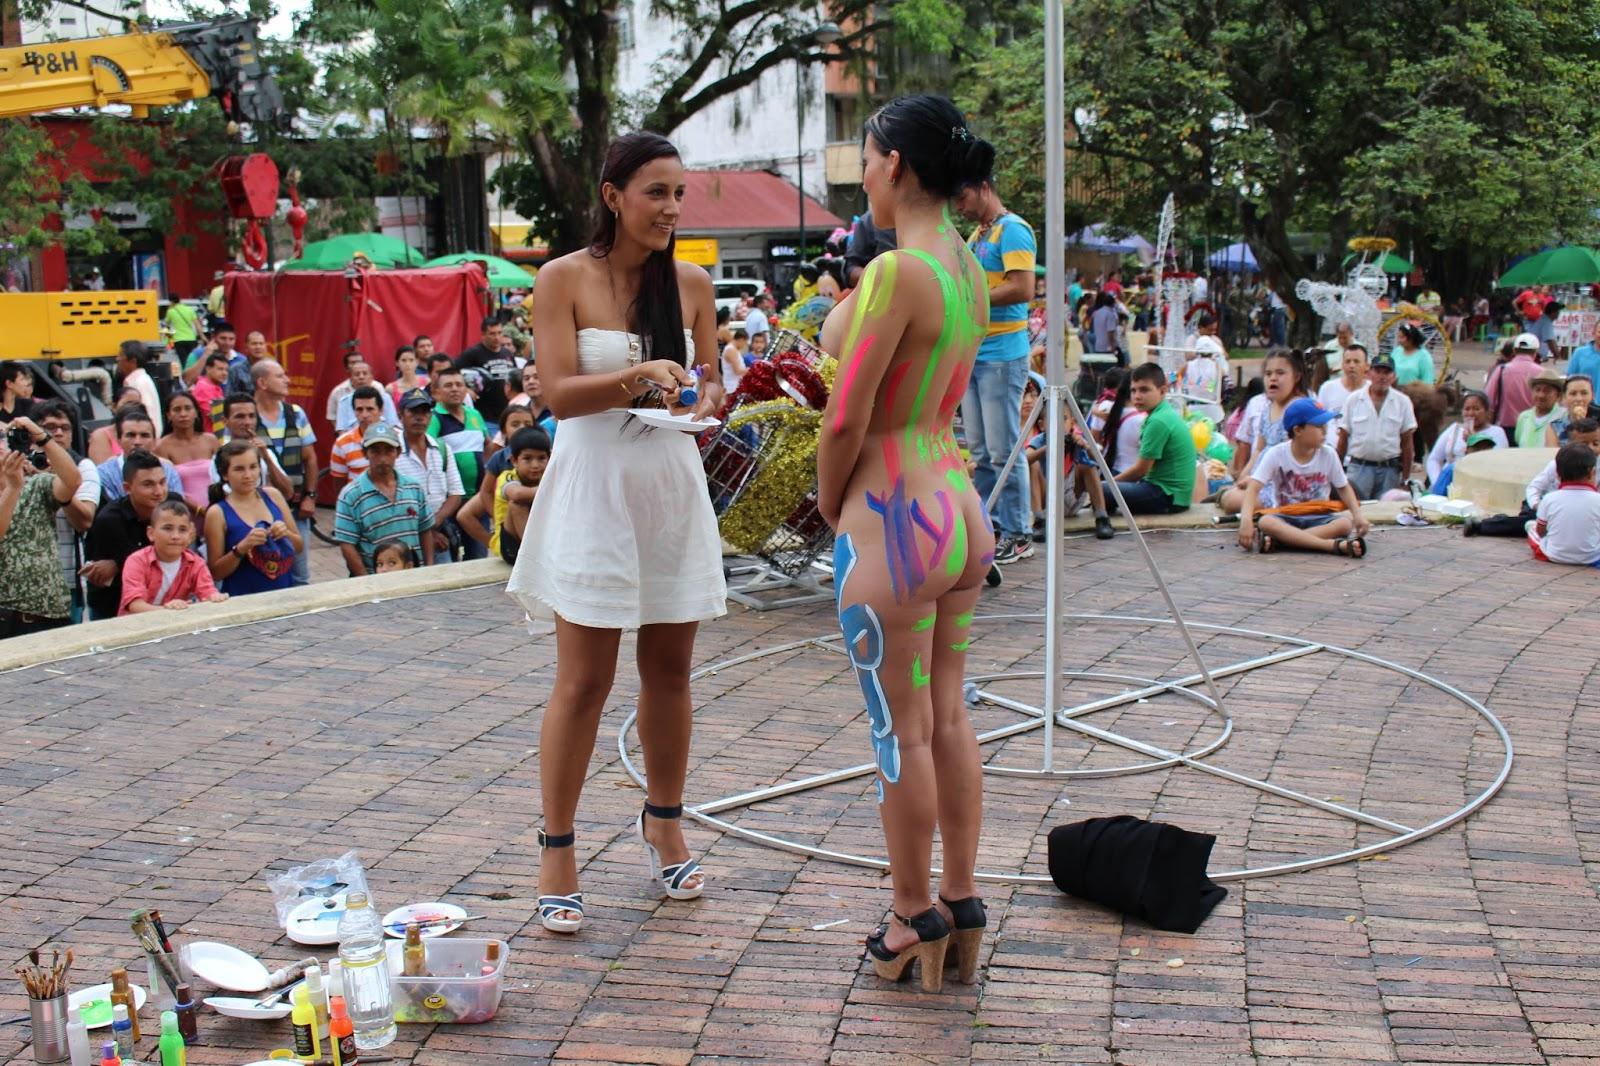 chica pintura desnuda en público